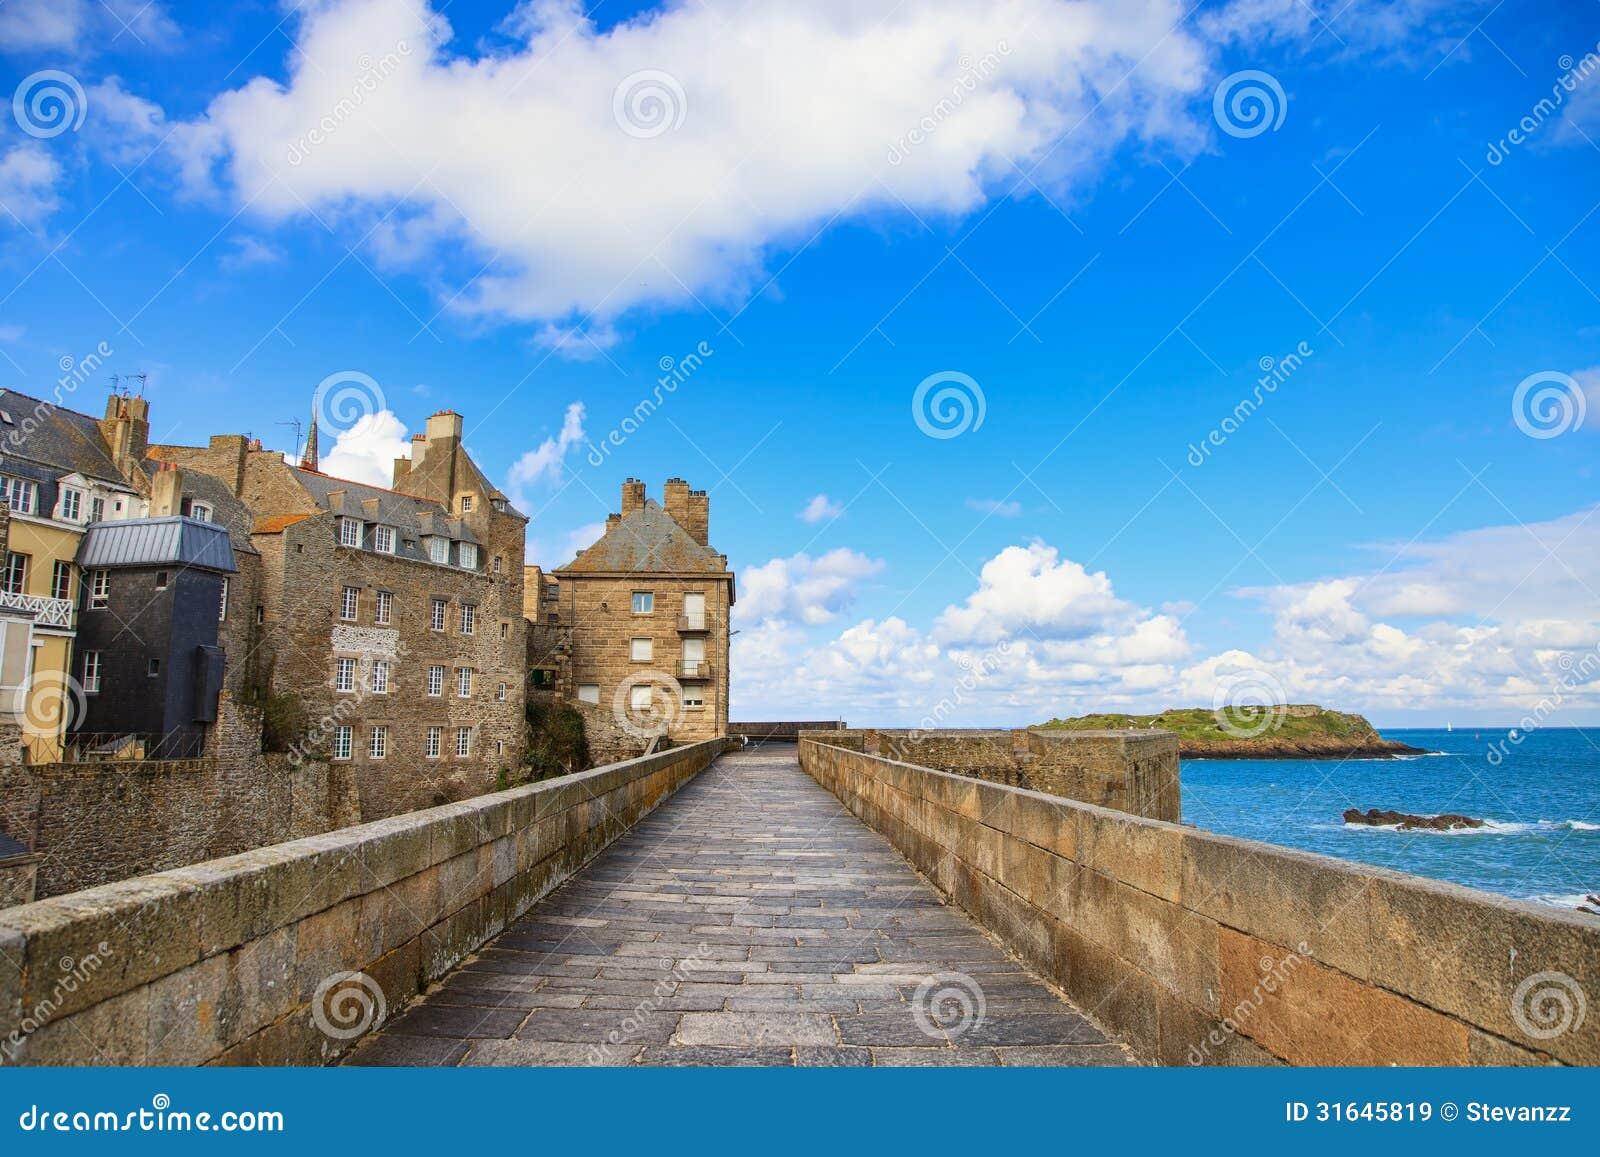 Τοίχοι, σπίτια και παραλία πόλεων Αγίου Malo. Βρετάνη, Γαλλία.